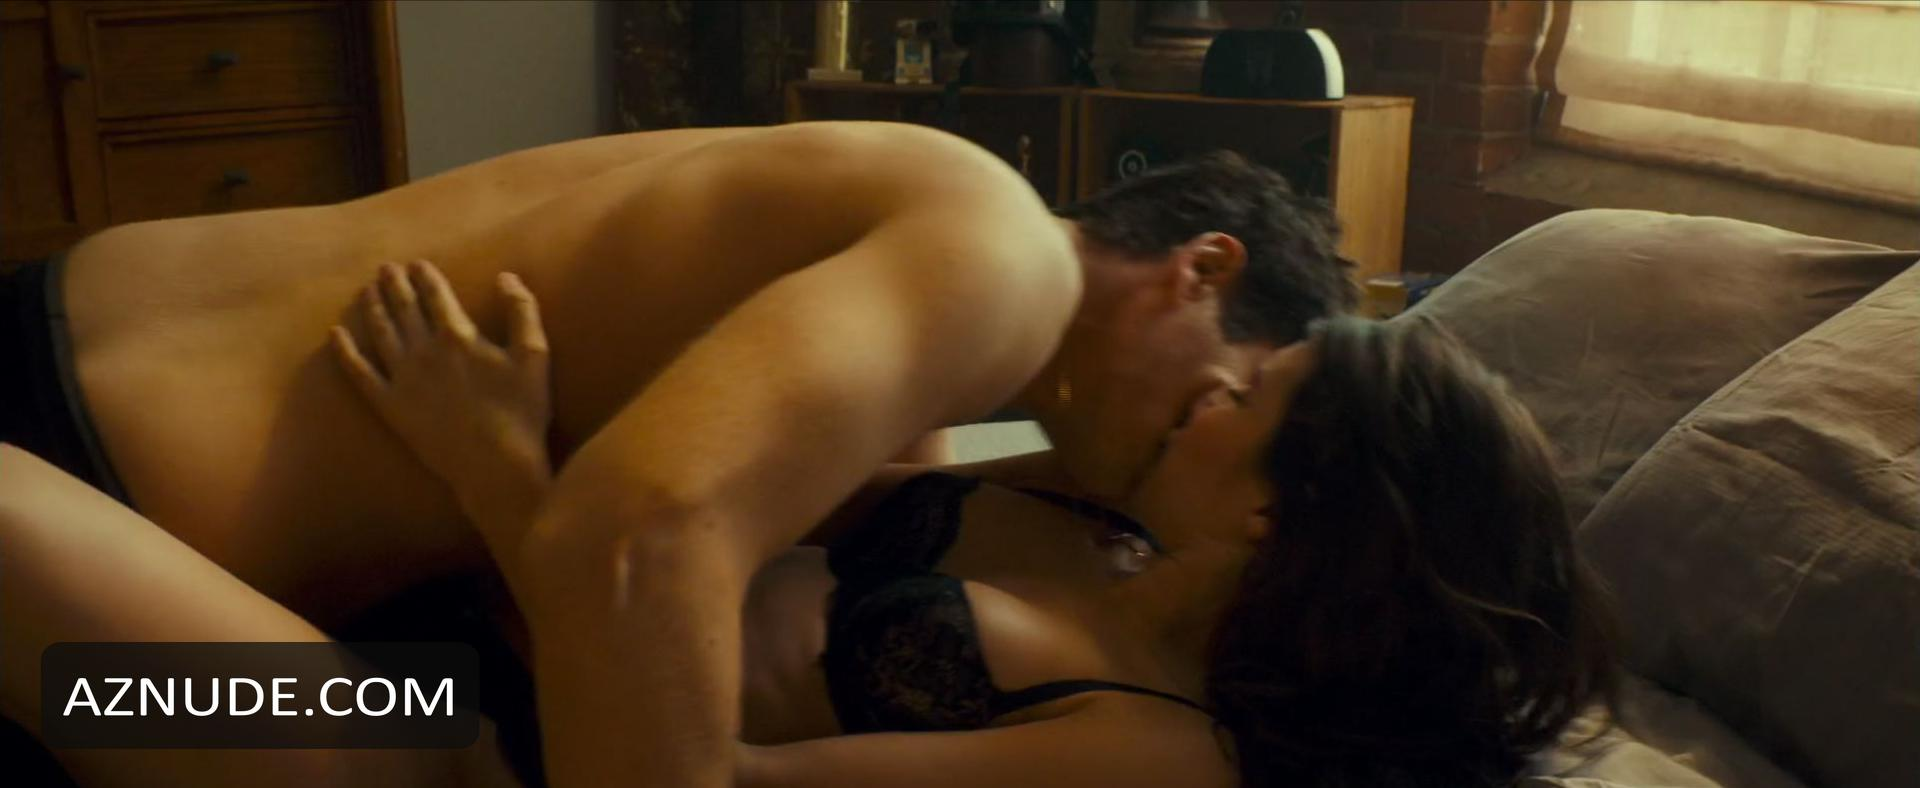 italian movies sex scenes